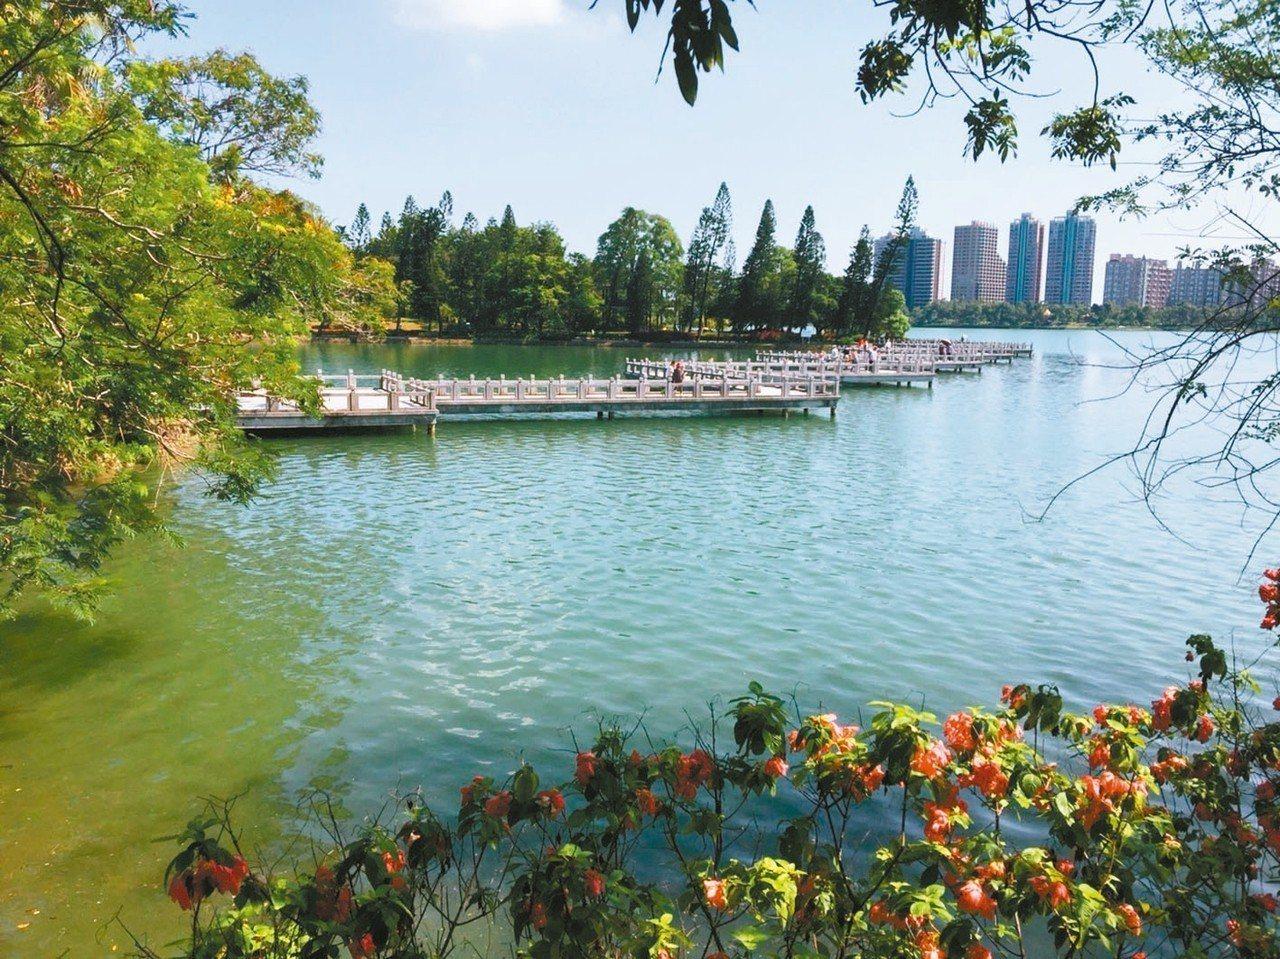 澄清湖幽靜不變,從高雄圓山飯店可沿木棧道徒步而來。 記者羅建怡/攝影